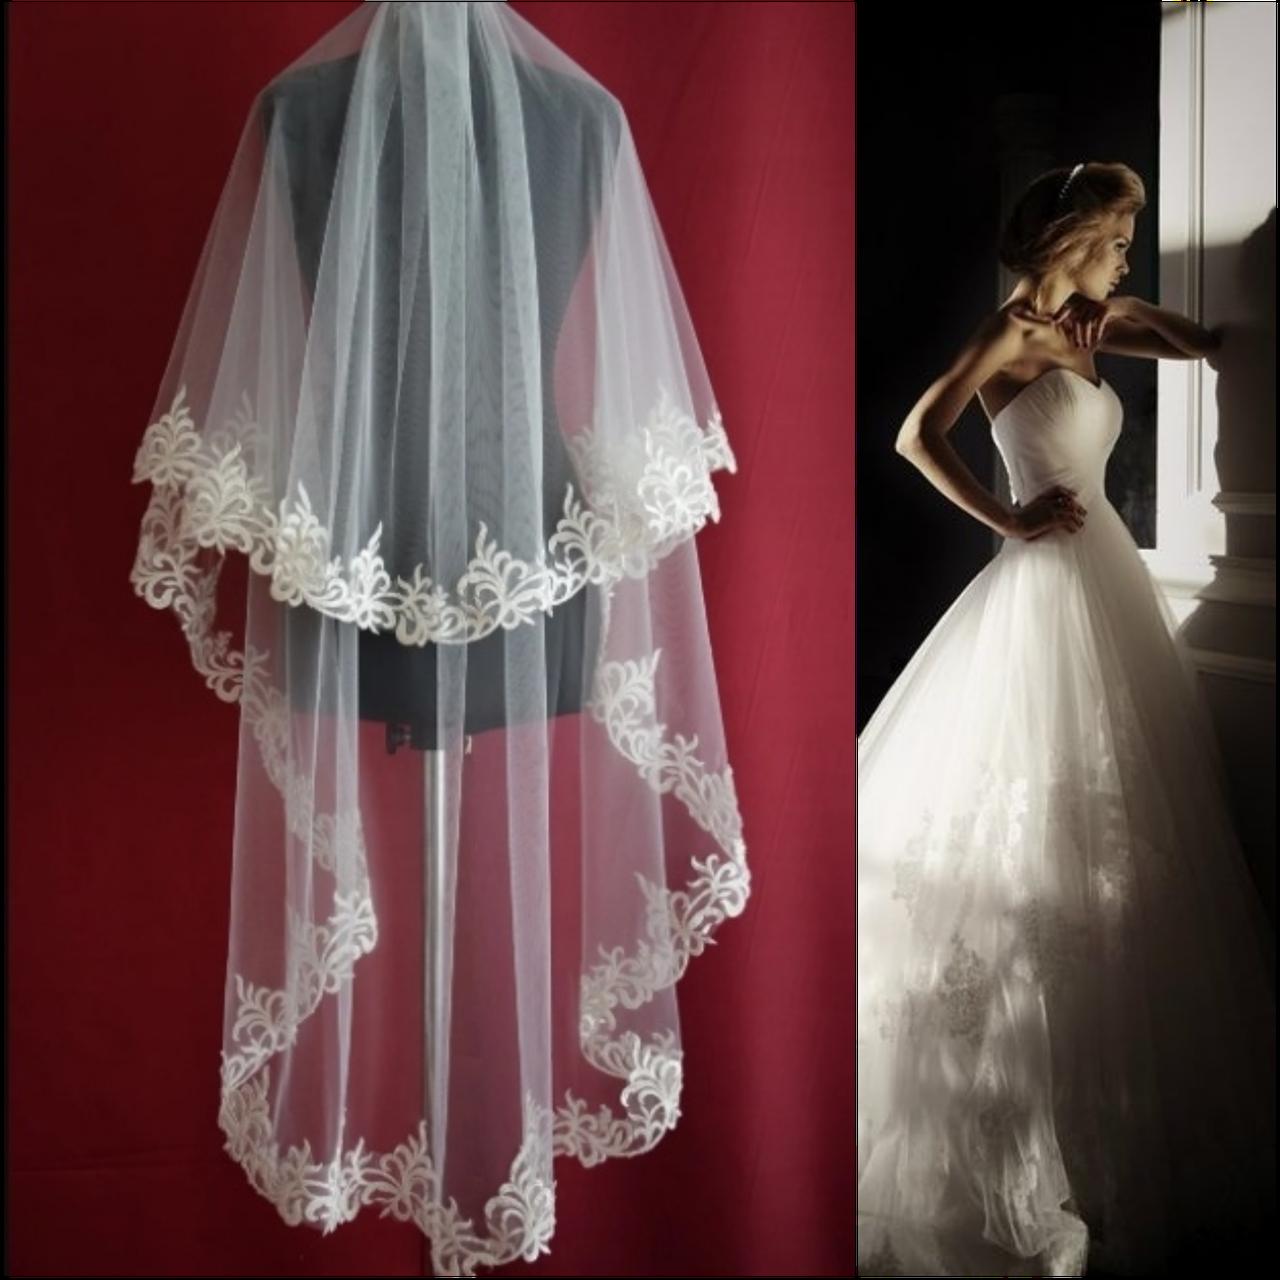 Вау! Удлиненная двухъярусная свадебная Фата с кружевом SF для Невесты Белая/Айвори (sf-220)